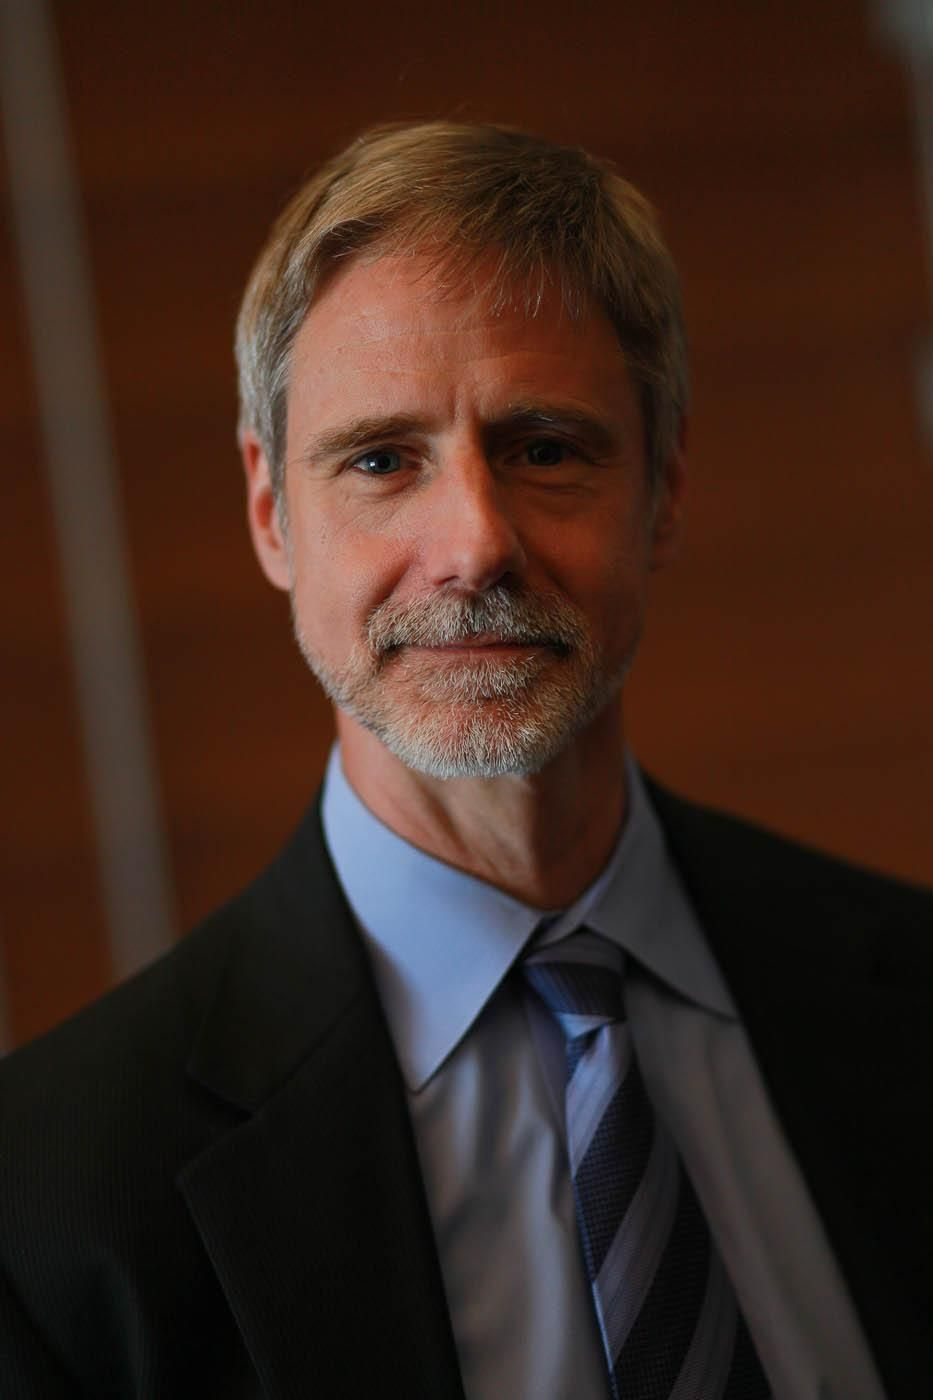 Panellist -Dr Thomas Parsons